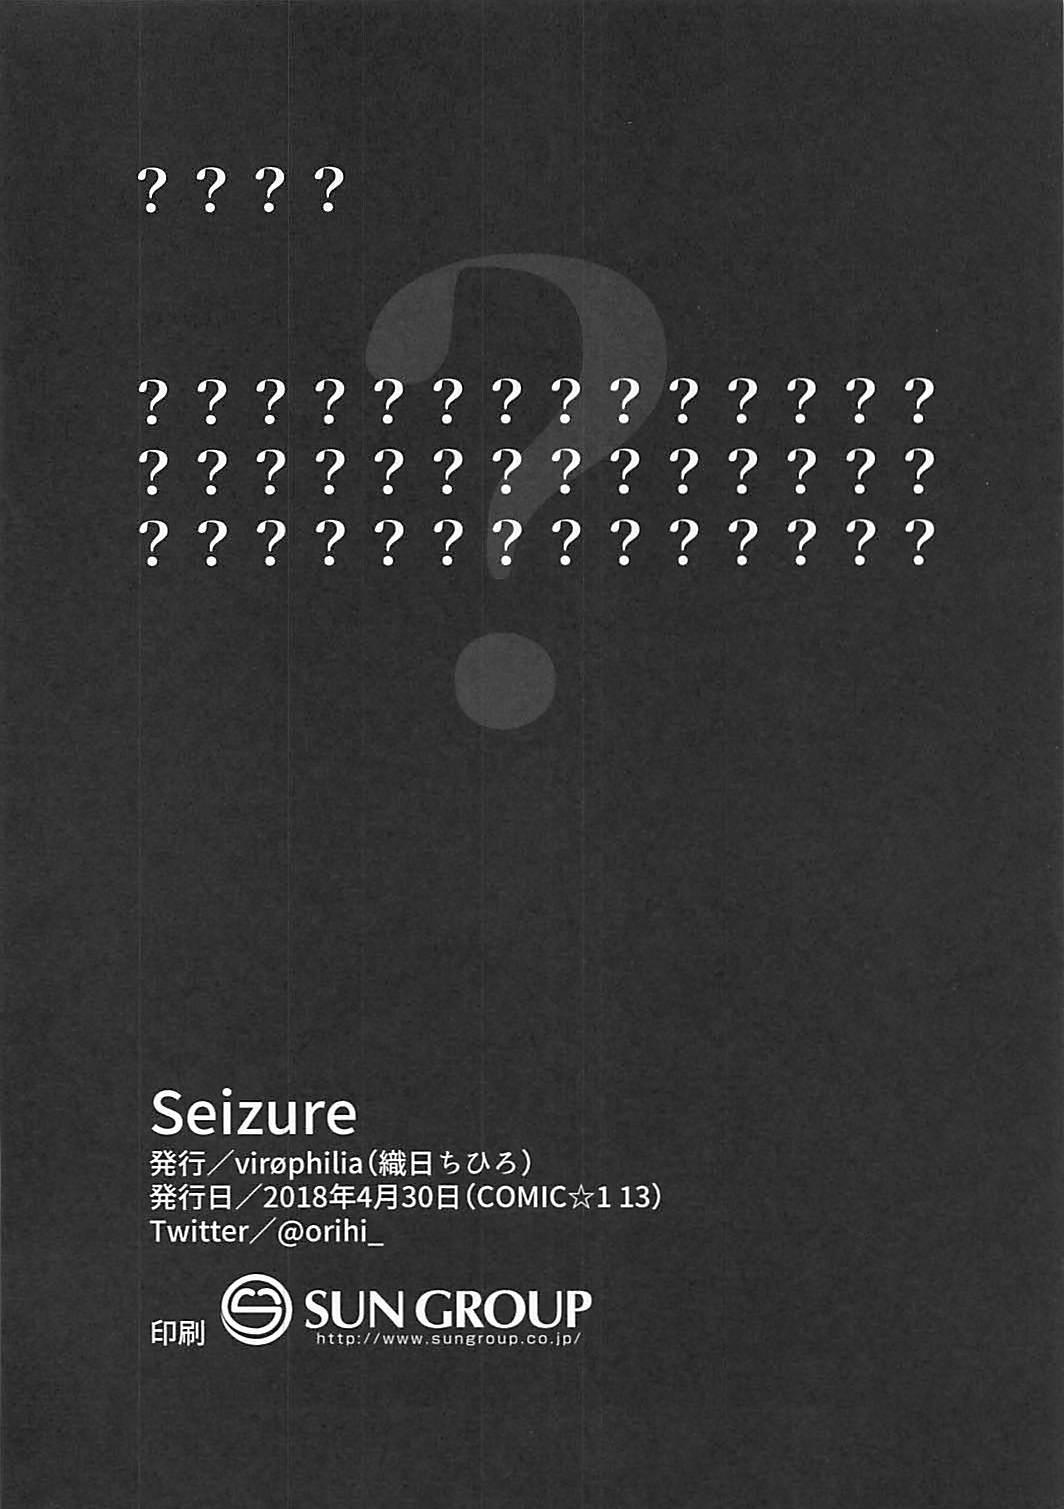 Seizure 20